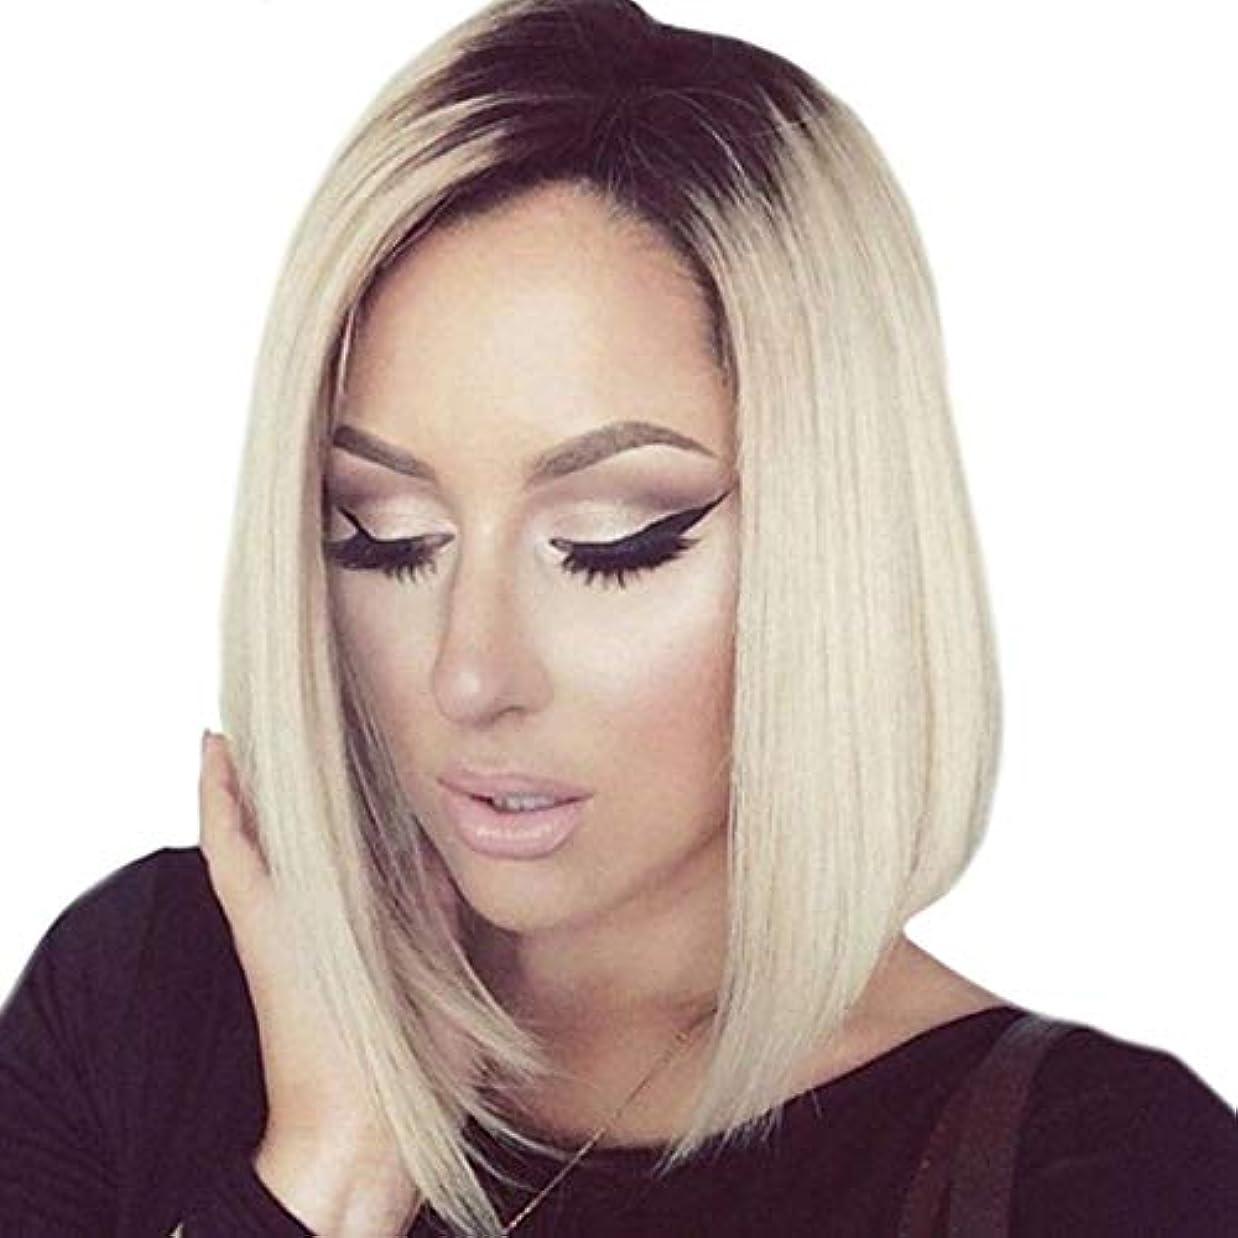 付ける解く耐えられないSummerys 女性のためのミディアムロングストレートヘアショルダーグラデーションカラーウィッグヘッドギア